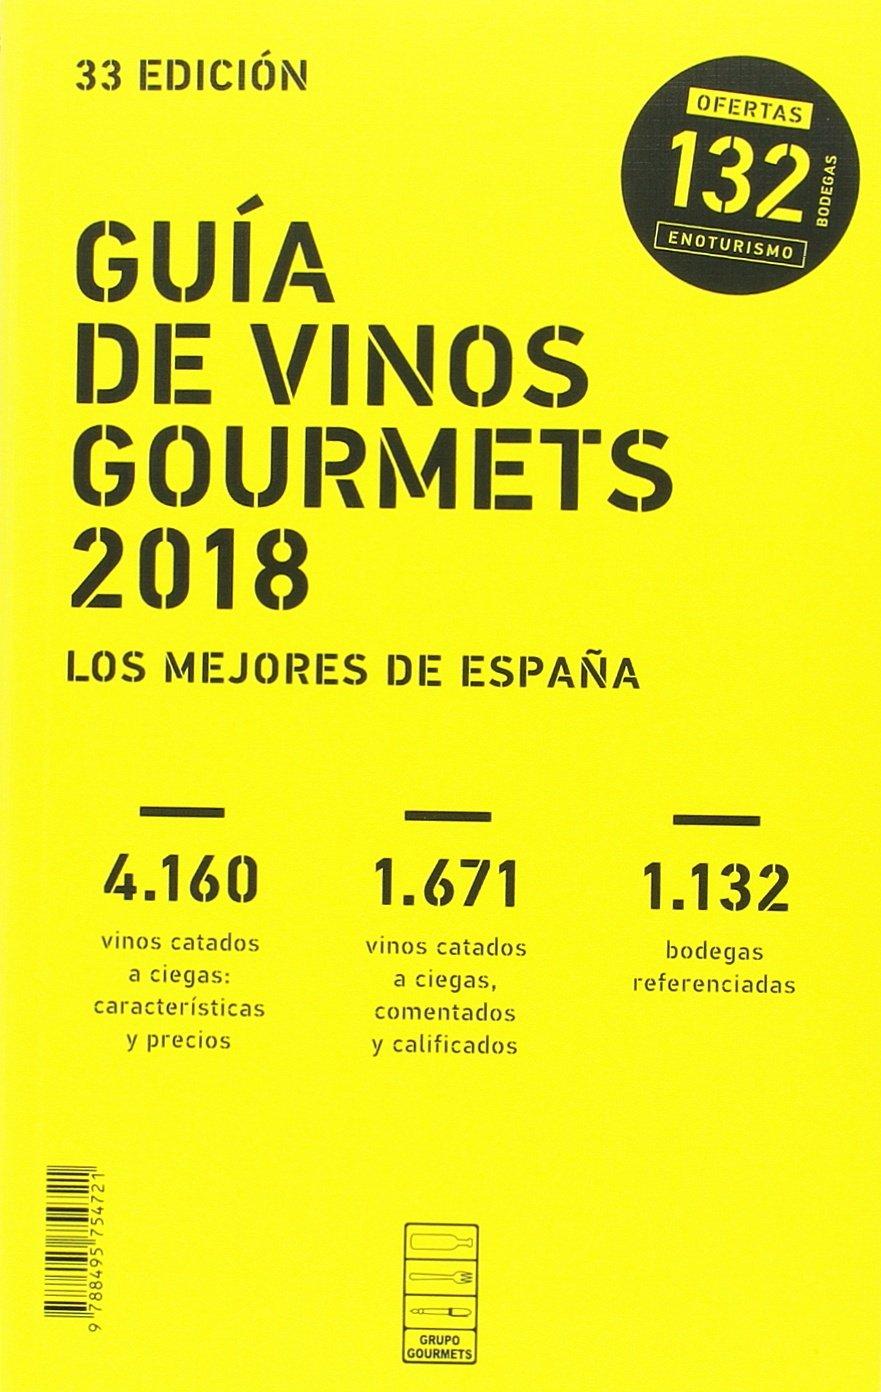 Guía de vinos gourmets 2018 : los mejores vinos de España